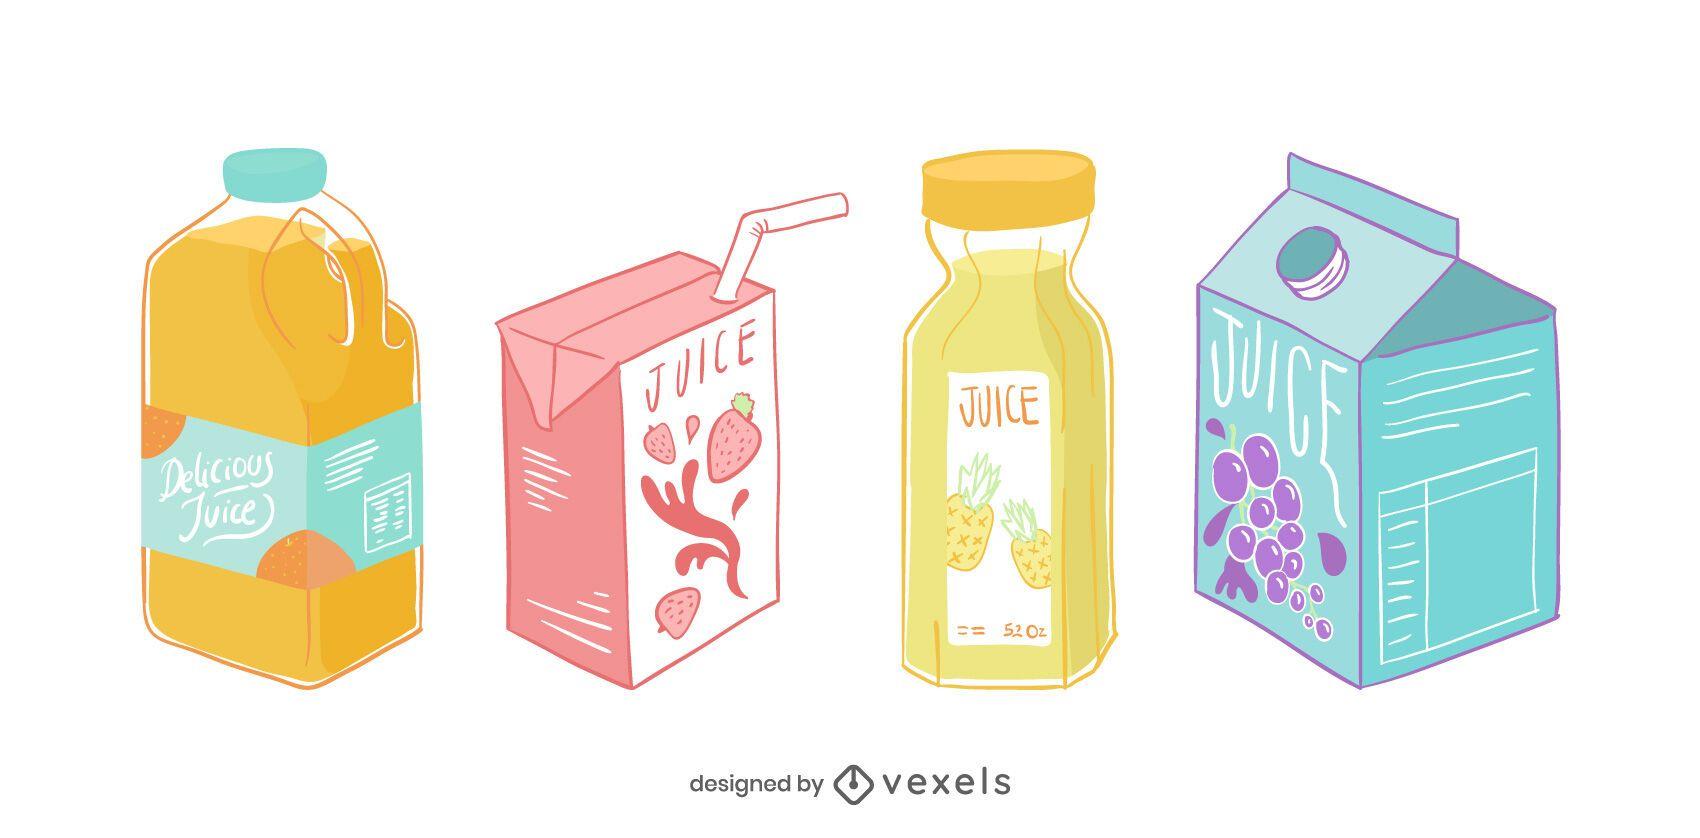 Juice pack illustration set